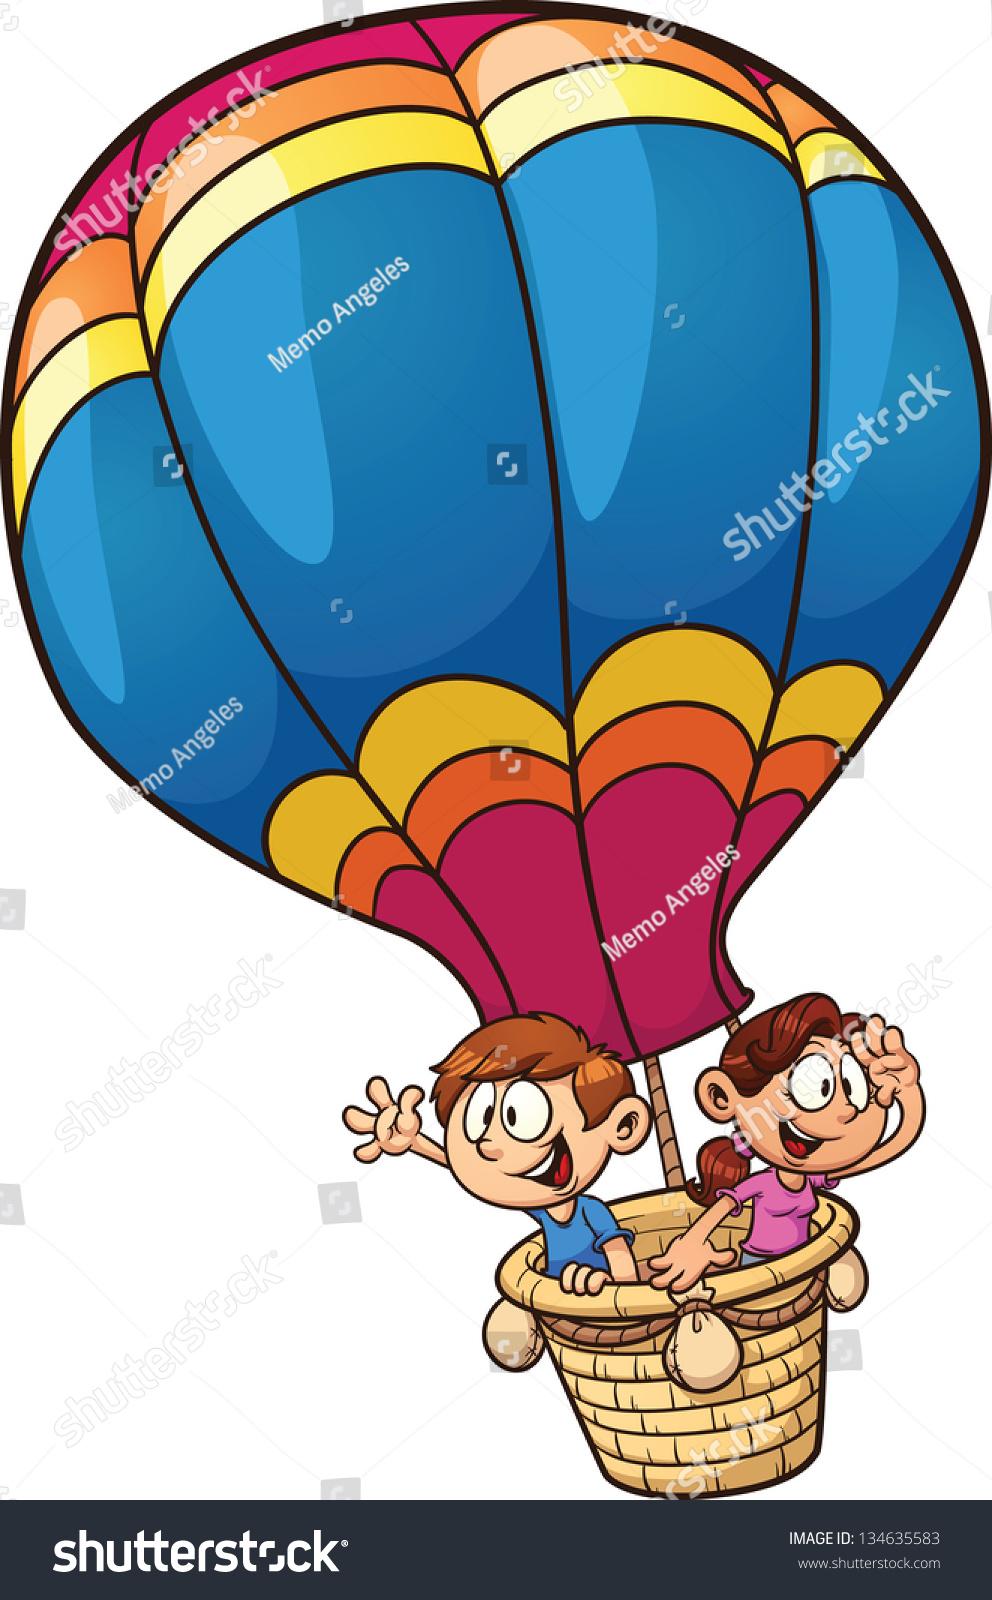 free hot air balloon clipart at getdrawings com free for personal rh getdrawings com hot air balloon clipart black and white clipart hot air balloon free